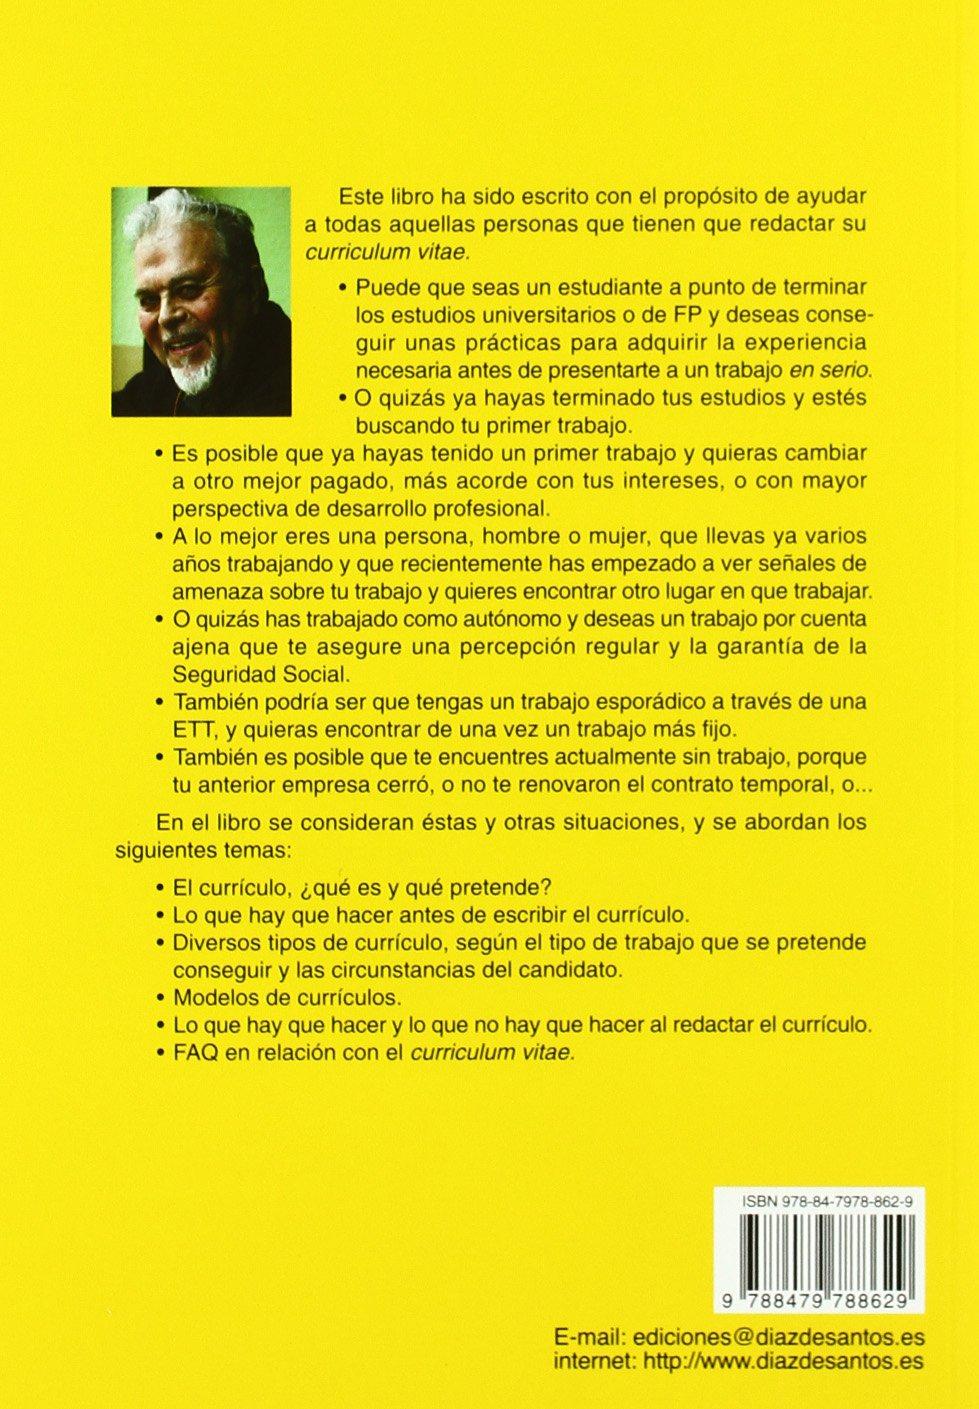 El libro del curriculum vitae: Amazon.es: Luis Puchol Moreno: Libros